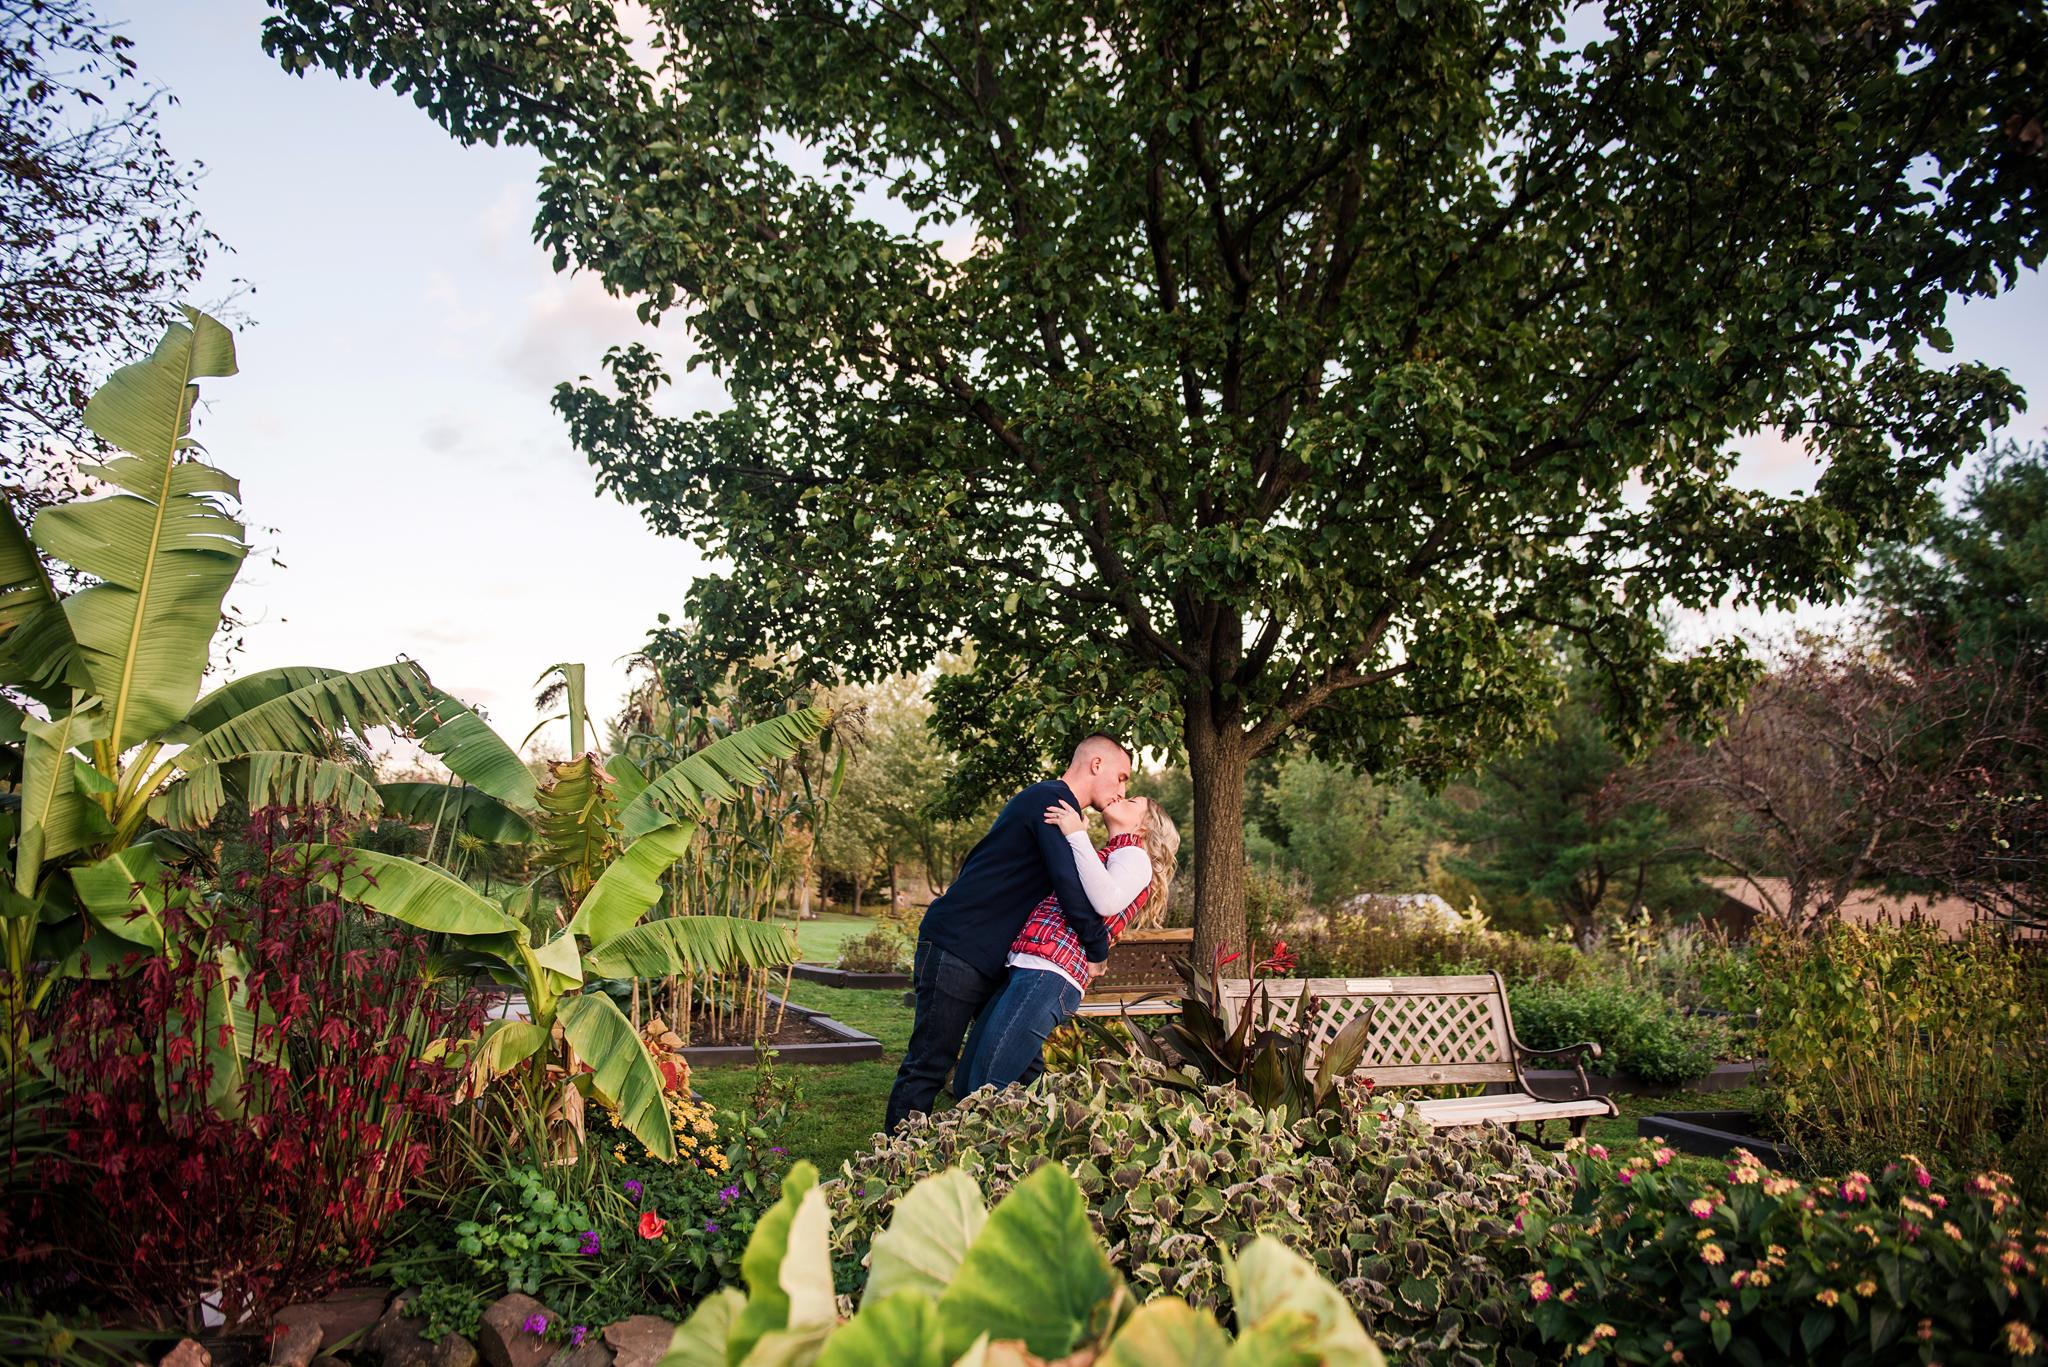 Tinker_Nature_Park_Rochester_Couples_Session_JILL_STUDIO_Rochester_NY_Photographer_DSC_5002.jpg